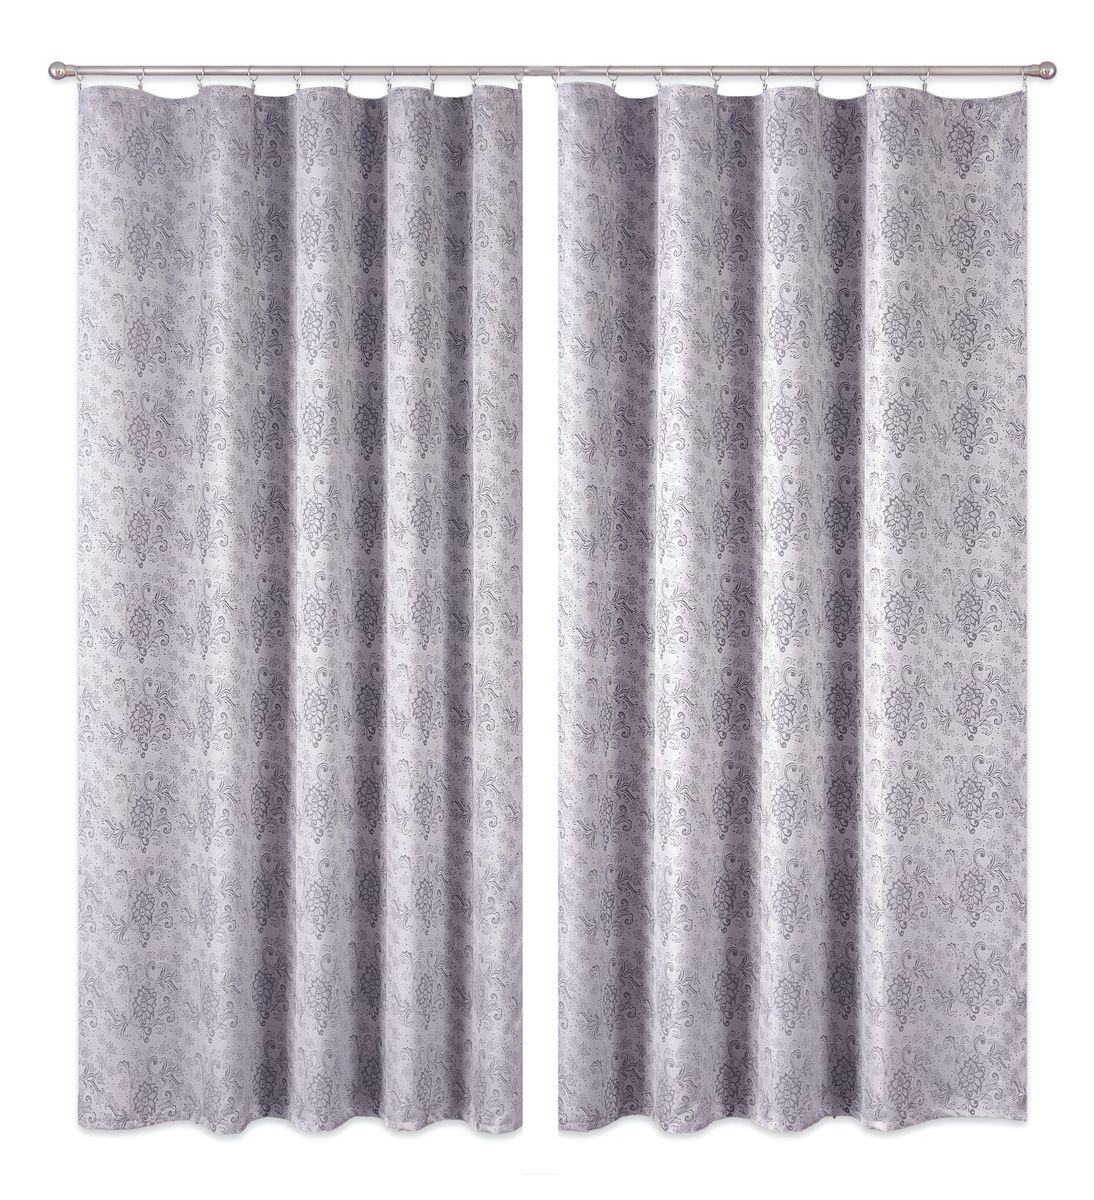 Комплект штор P Primavera Firany, цвет: серый, высота 270 см. 11100221110022Комплект шториз полиэстровой жаккардовой ткани с пришитой шторнойлентой. Размер - ширина 180 см высота 270см. Набор 2 штуки. Цвет серый.Размер: ширина 180 х высота 270